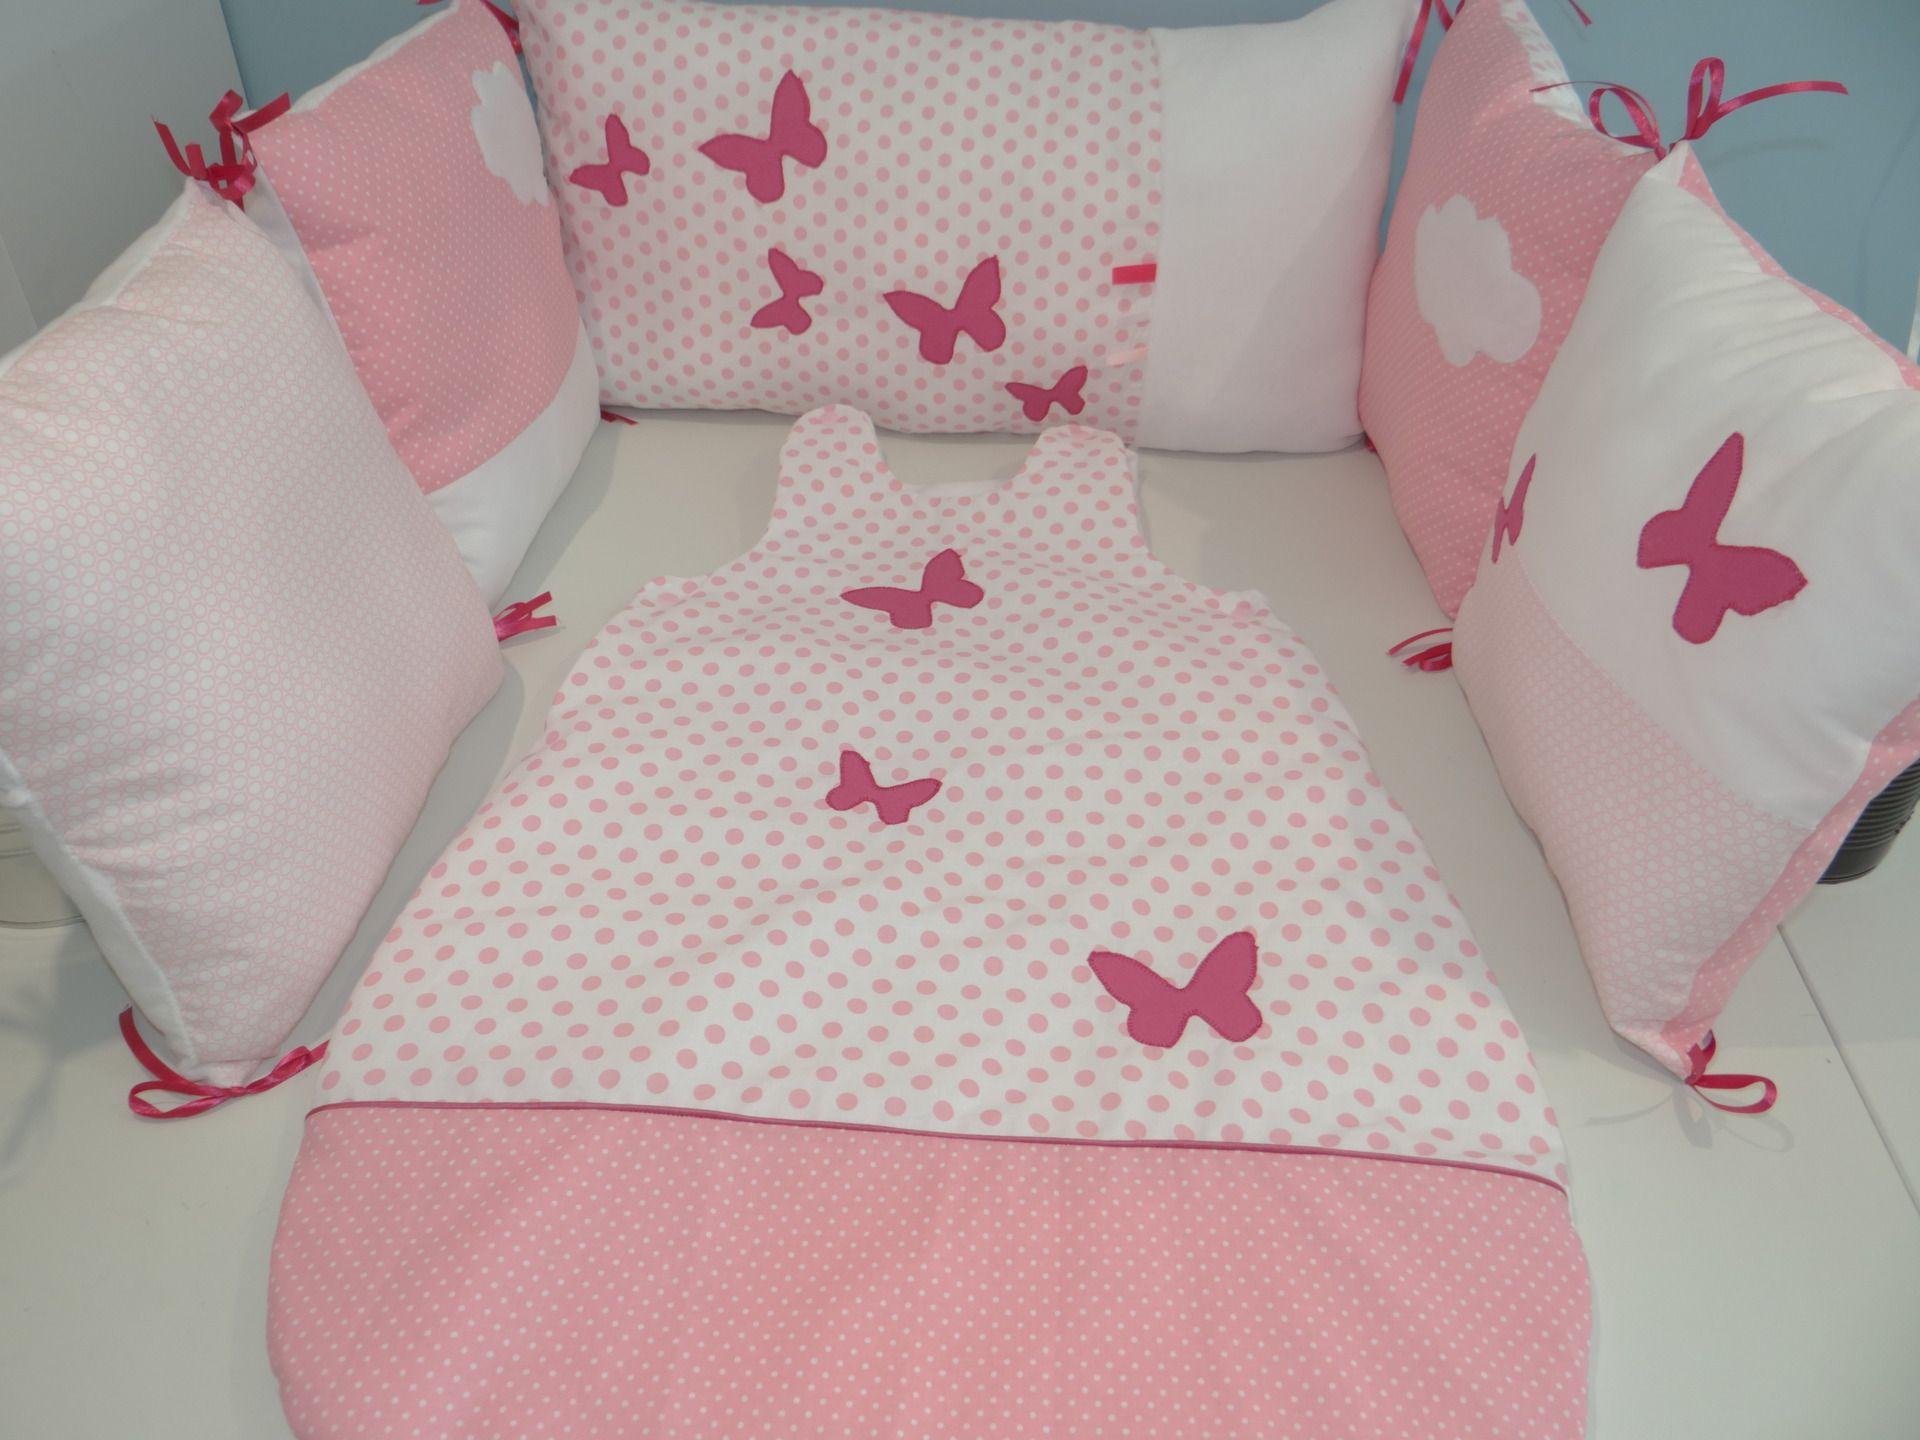 Tour De Lit Gigoteuse Pour Bebe Les Papillons Baby